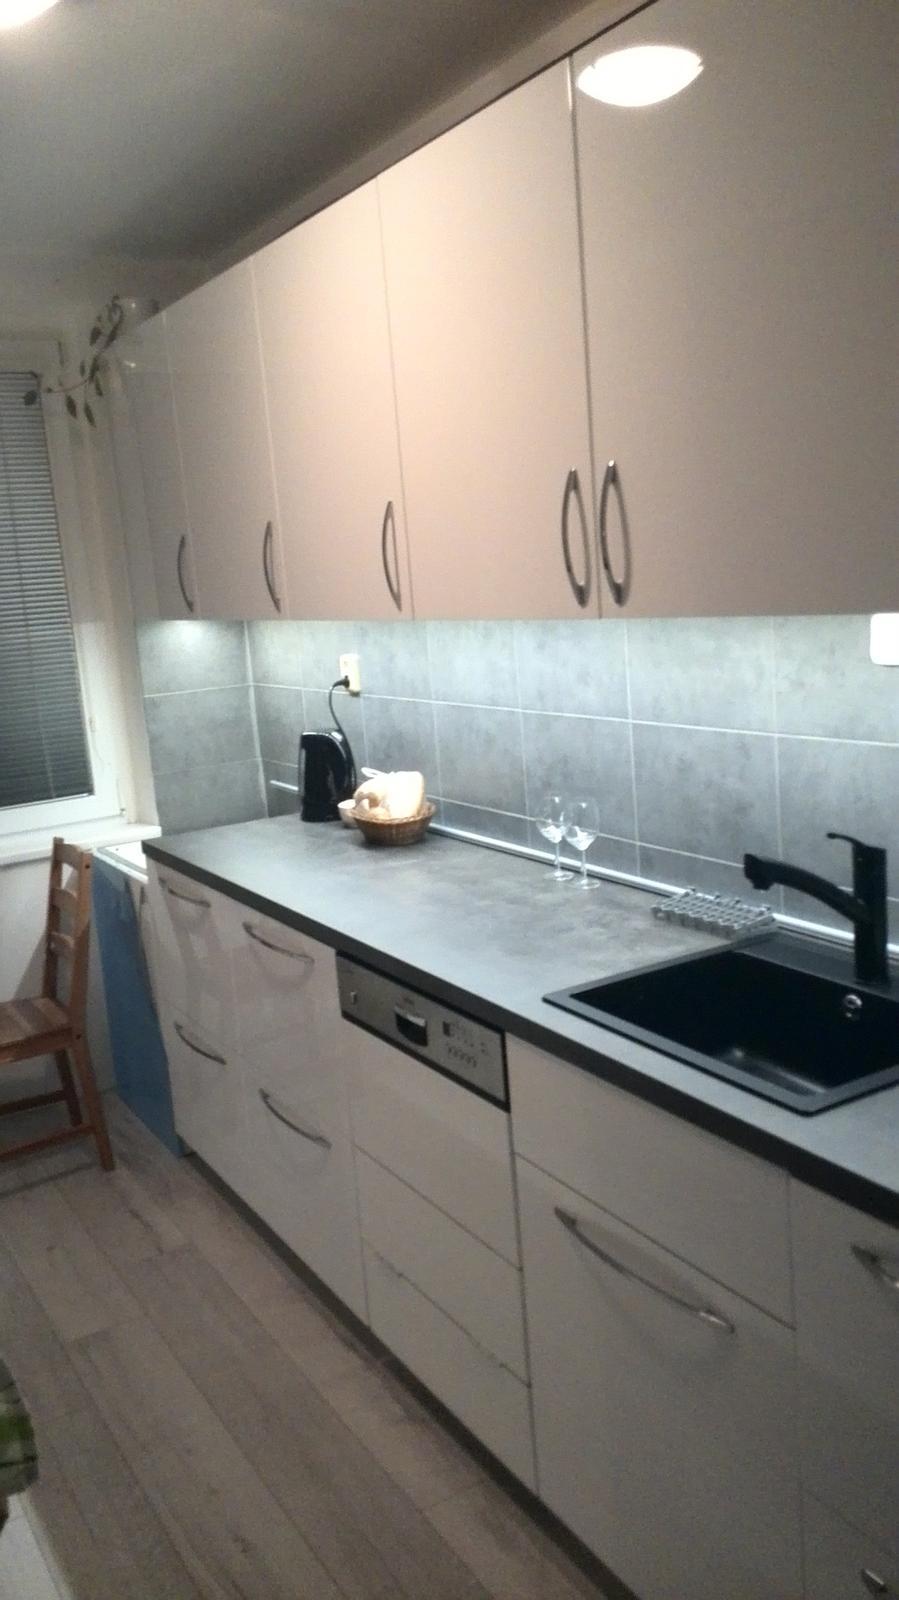 Rekonstrukne naší kuchyně - ještě není úplně dodělaná :-)